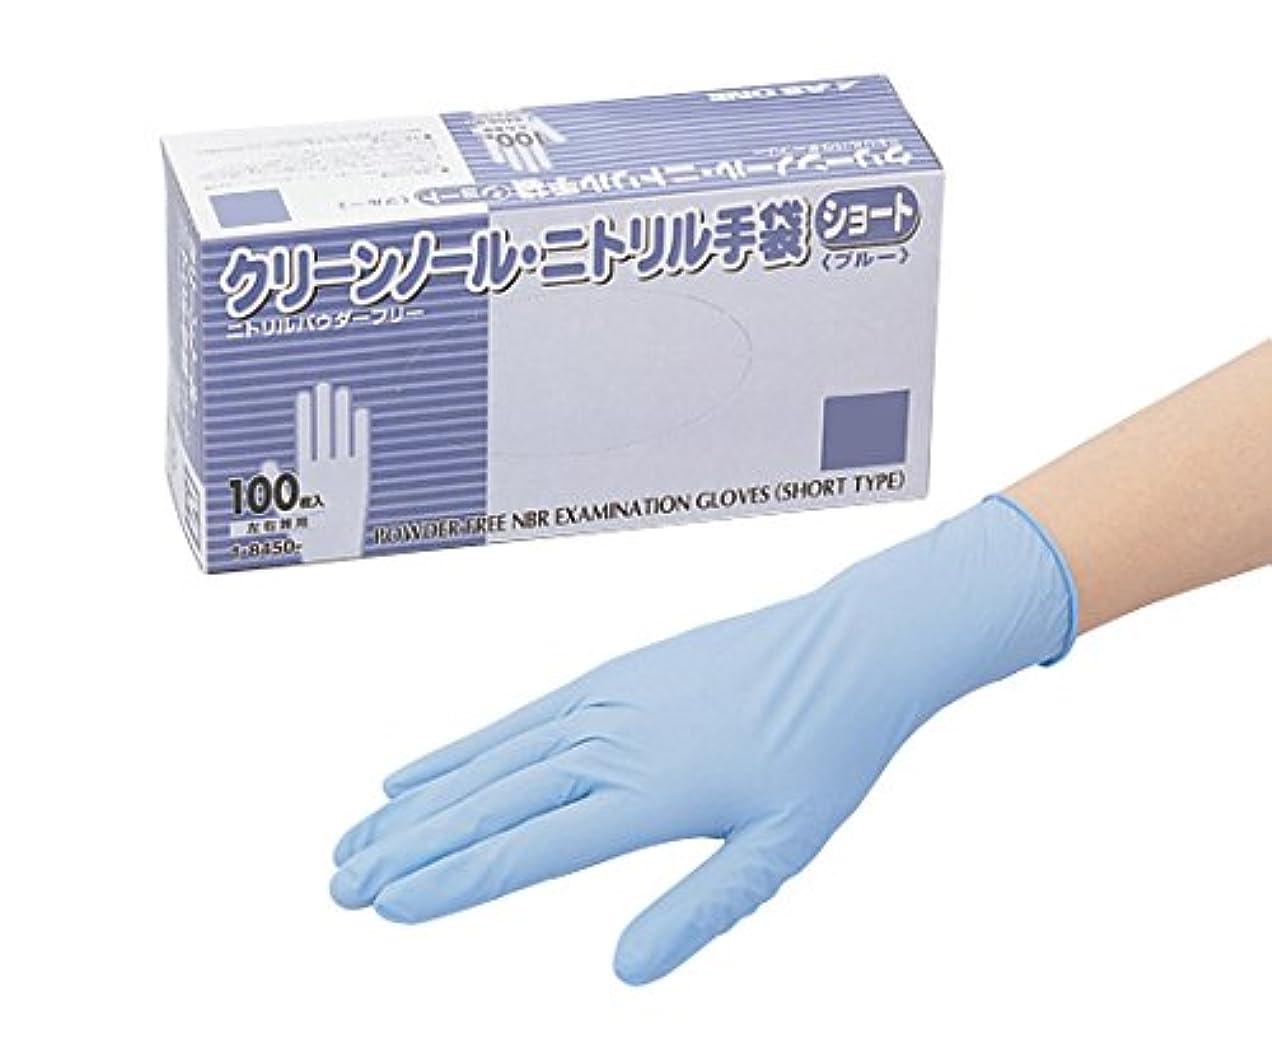 刺繍司書七時半アズワン1-8450-21クリーンノールニトリル手袋ショート(パウダーフリ-)ブルーL100枚入